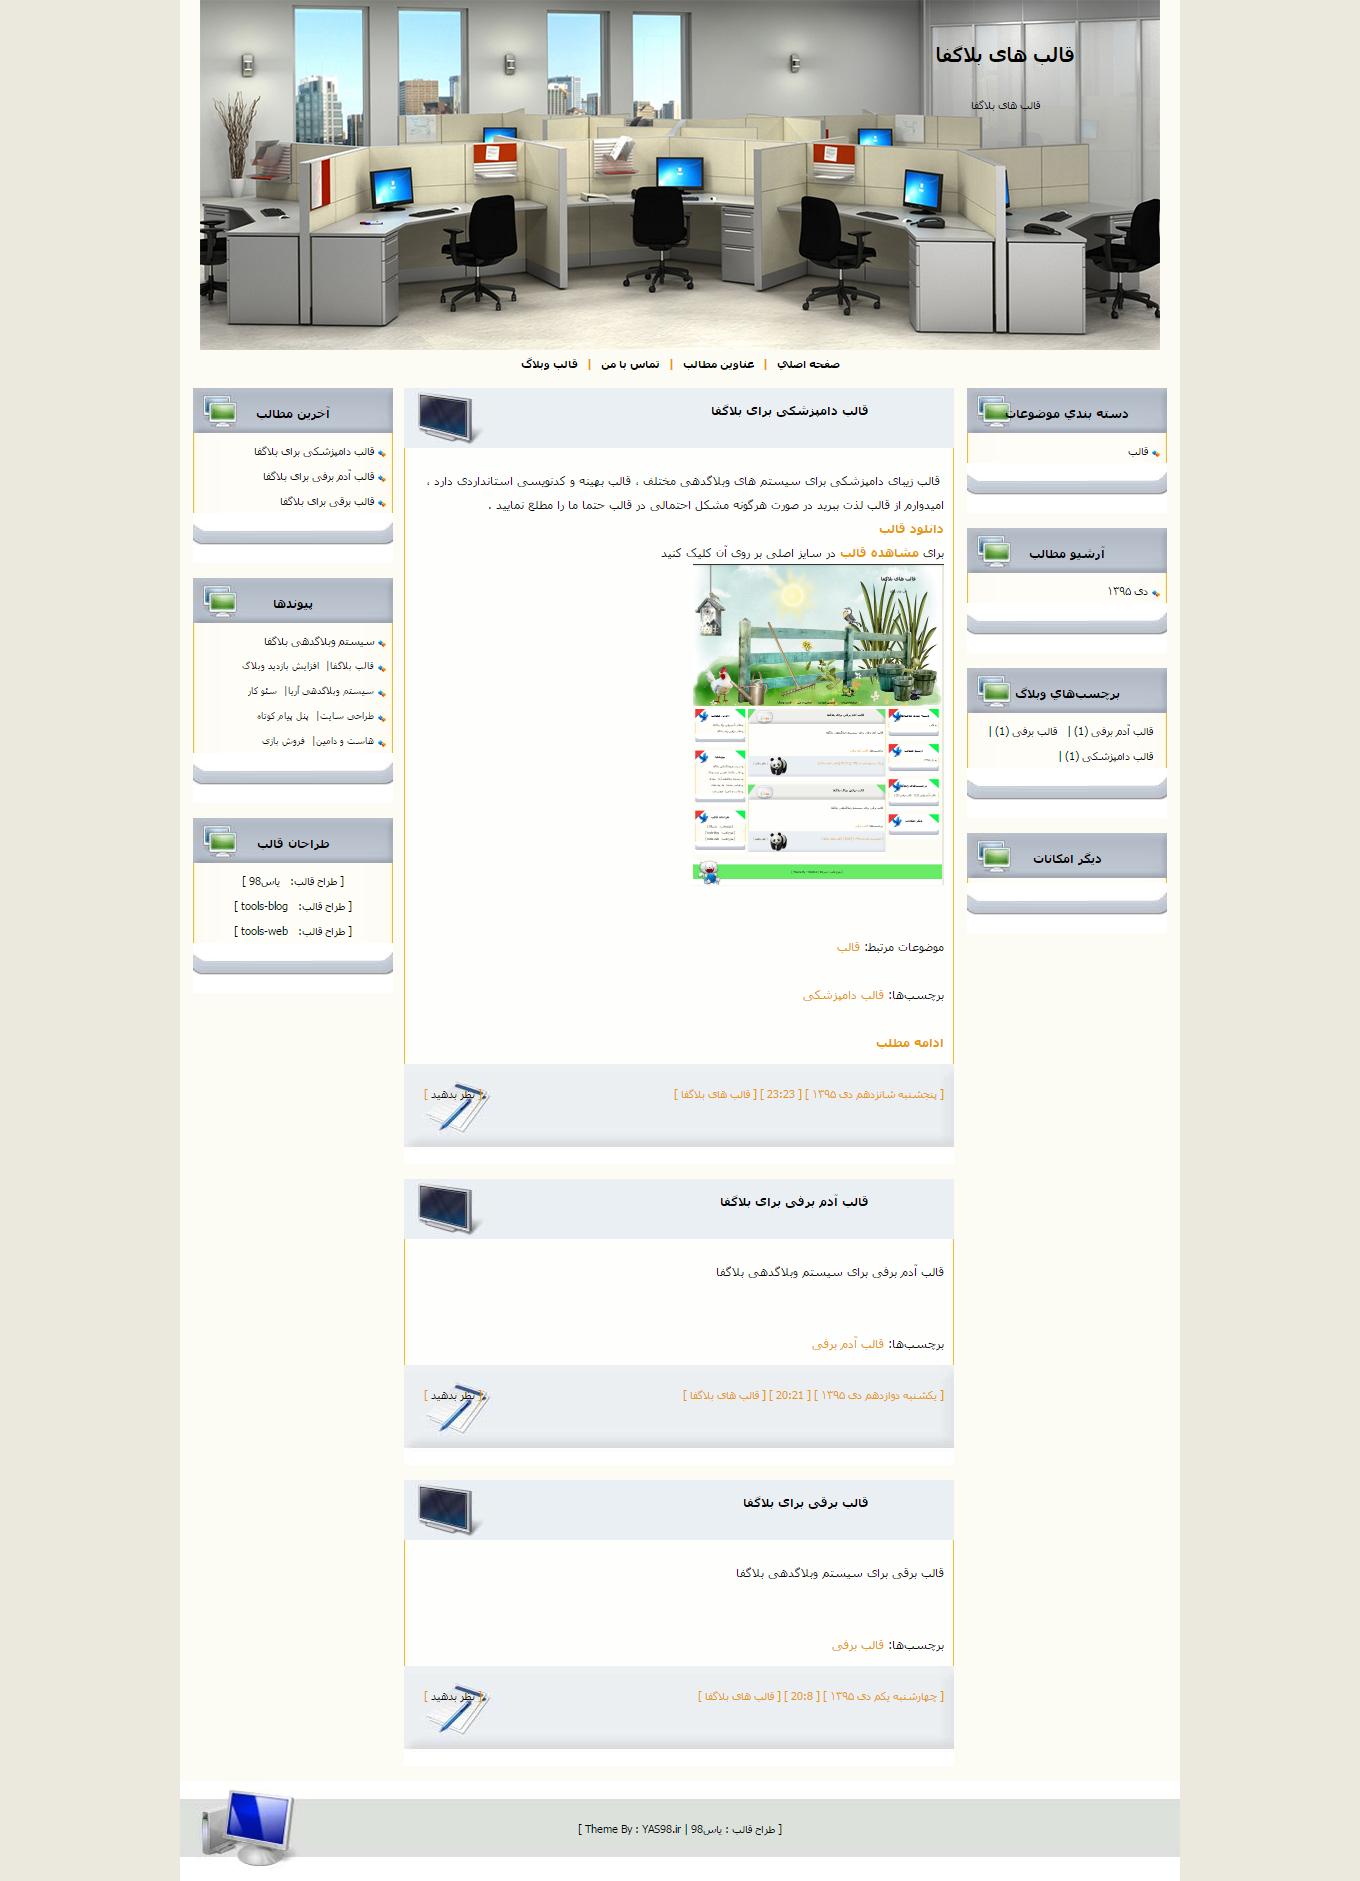 قالب زیبای شرکتی برای سیستم های وبلاگدهی مختلف